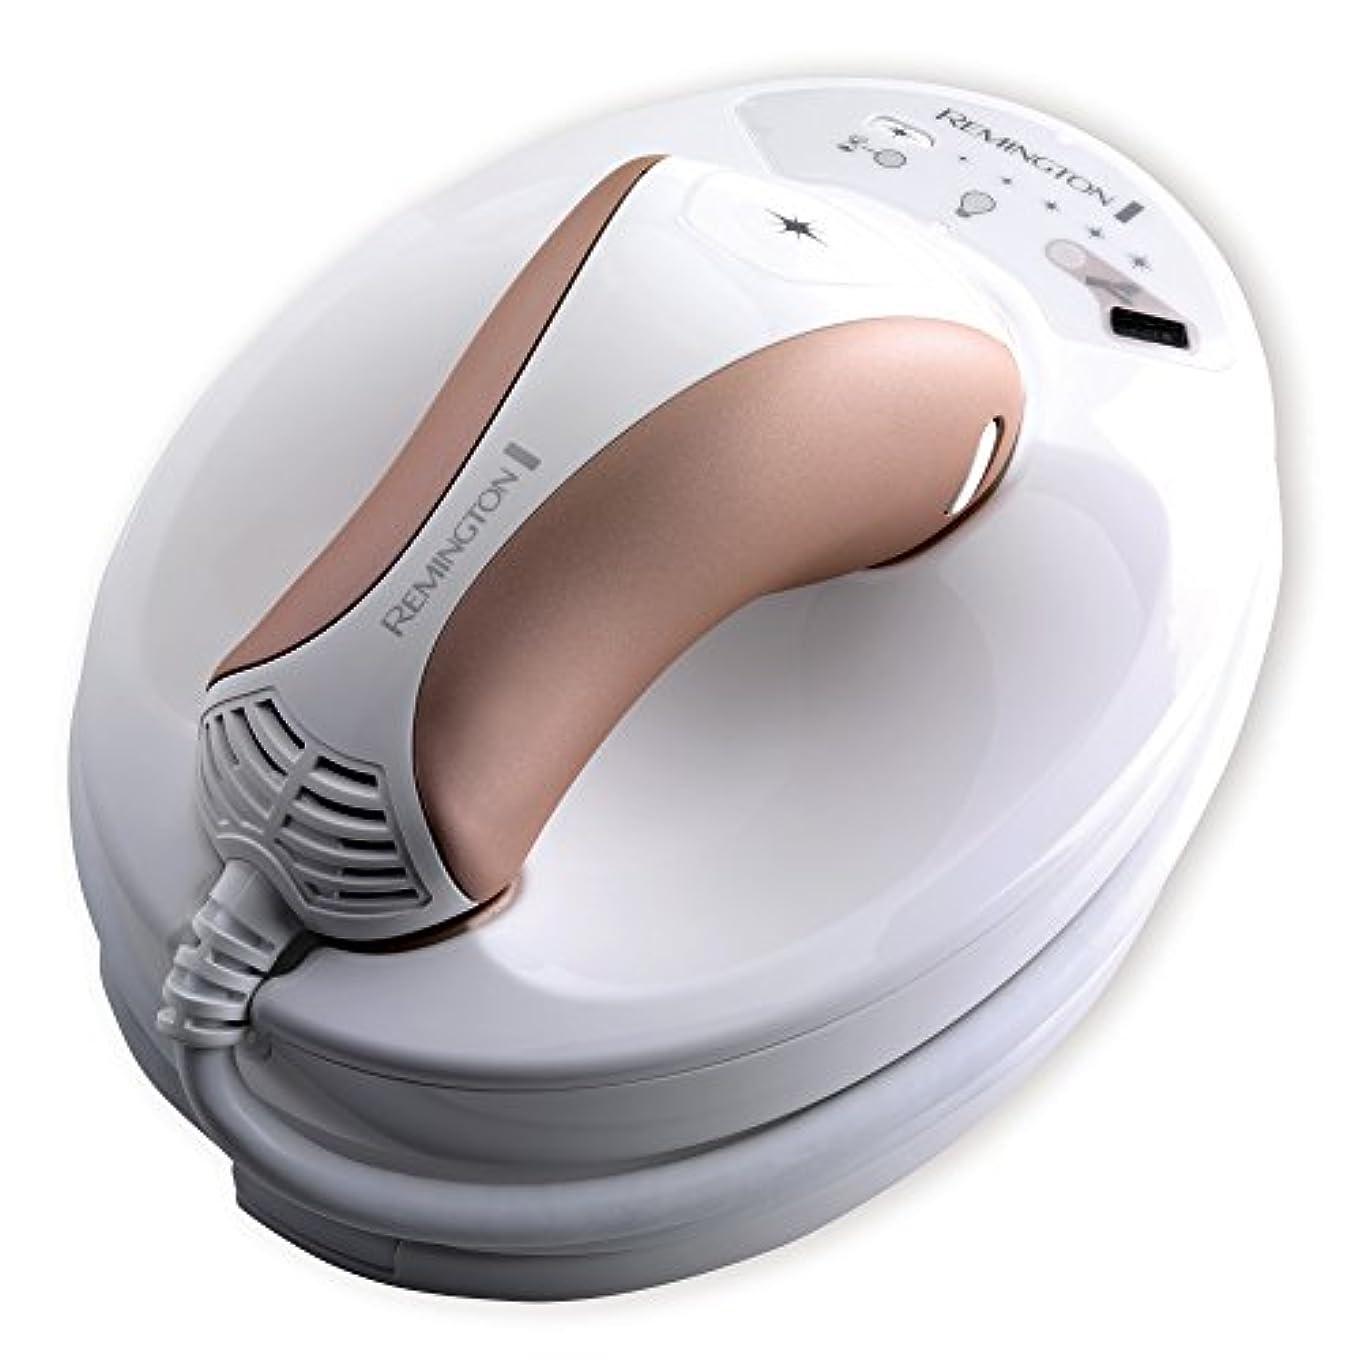 ネブ誘惑するだろう家庭用フラッシュ式脱毛機「I-LIGHT Pro」 男女兼用【並行輸入品】